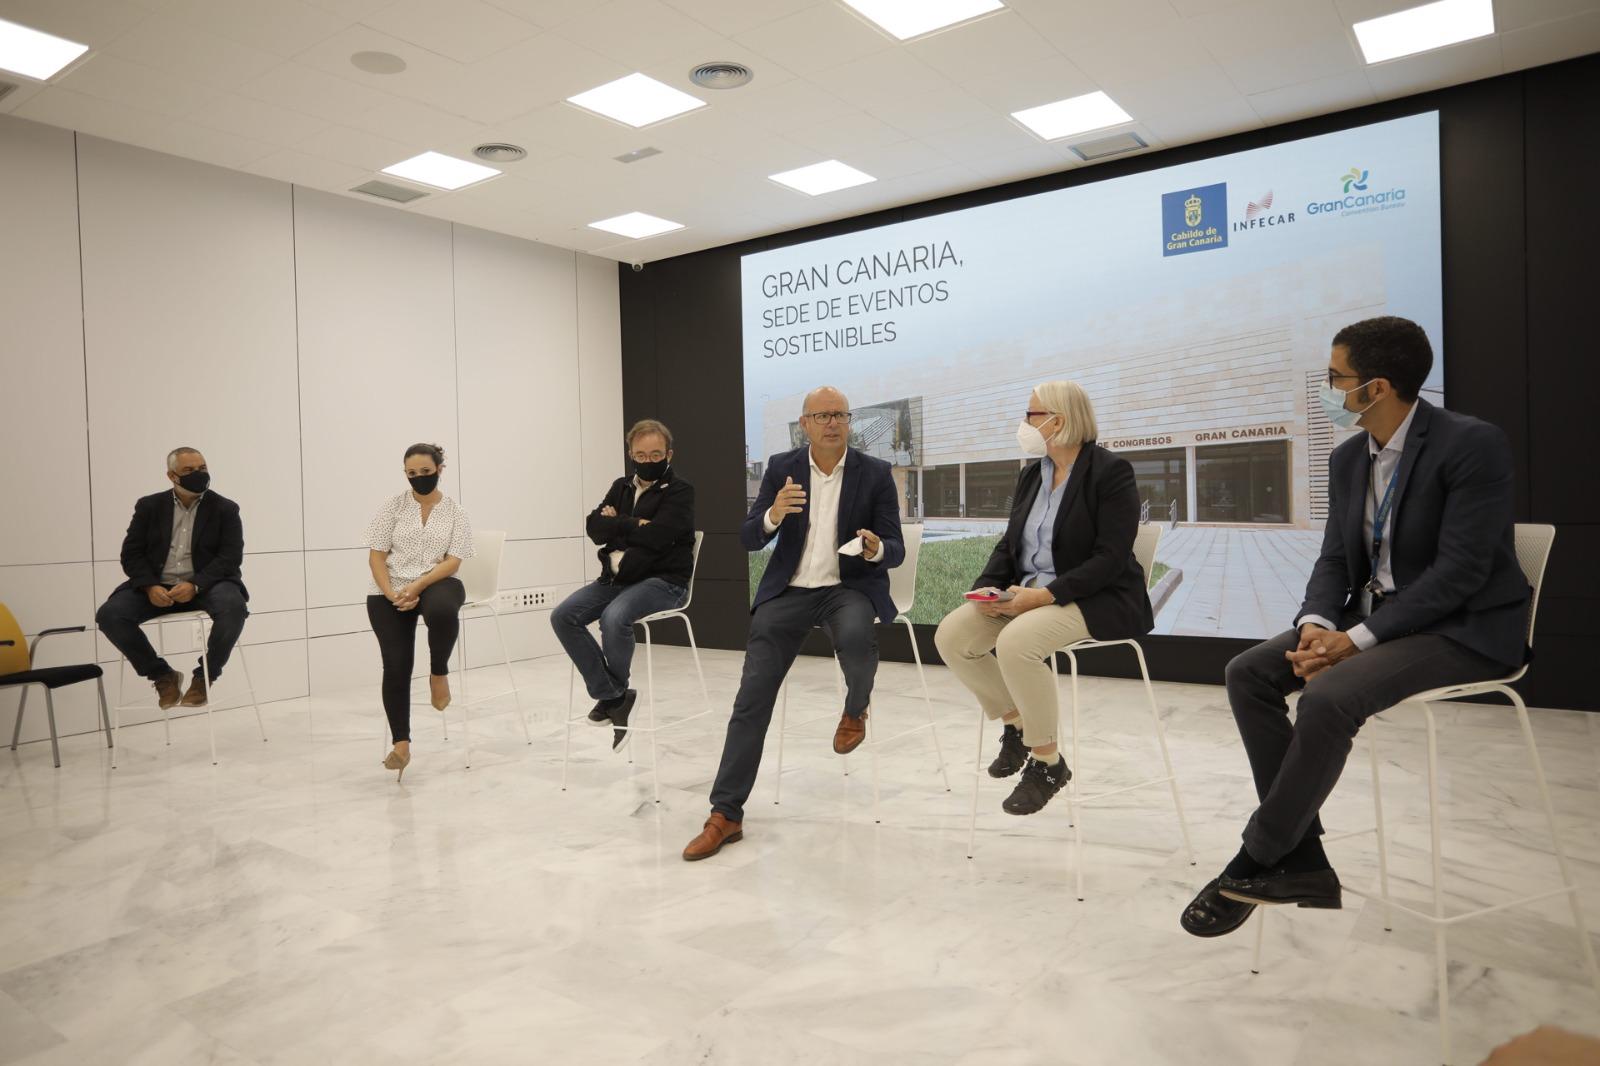 Debate en INFECAR sobre la idoneidad de Gran Canaria como sede de eventos sostenibles / CanariasNoticias.es